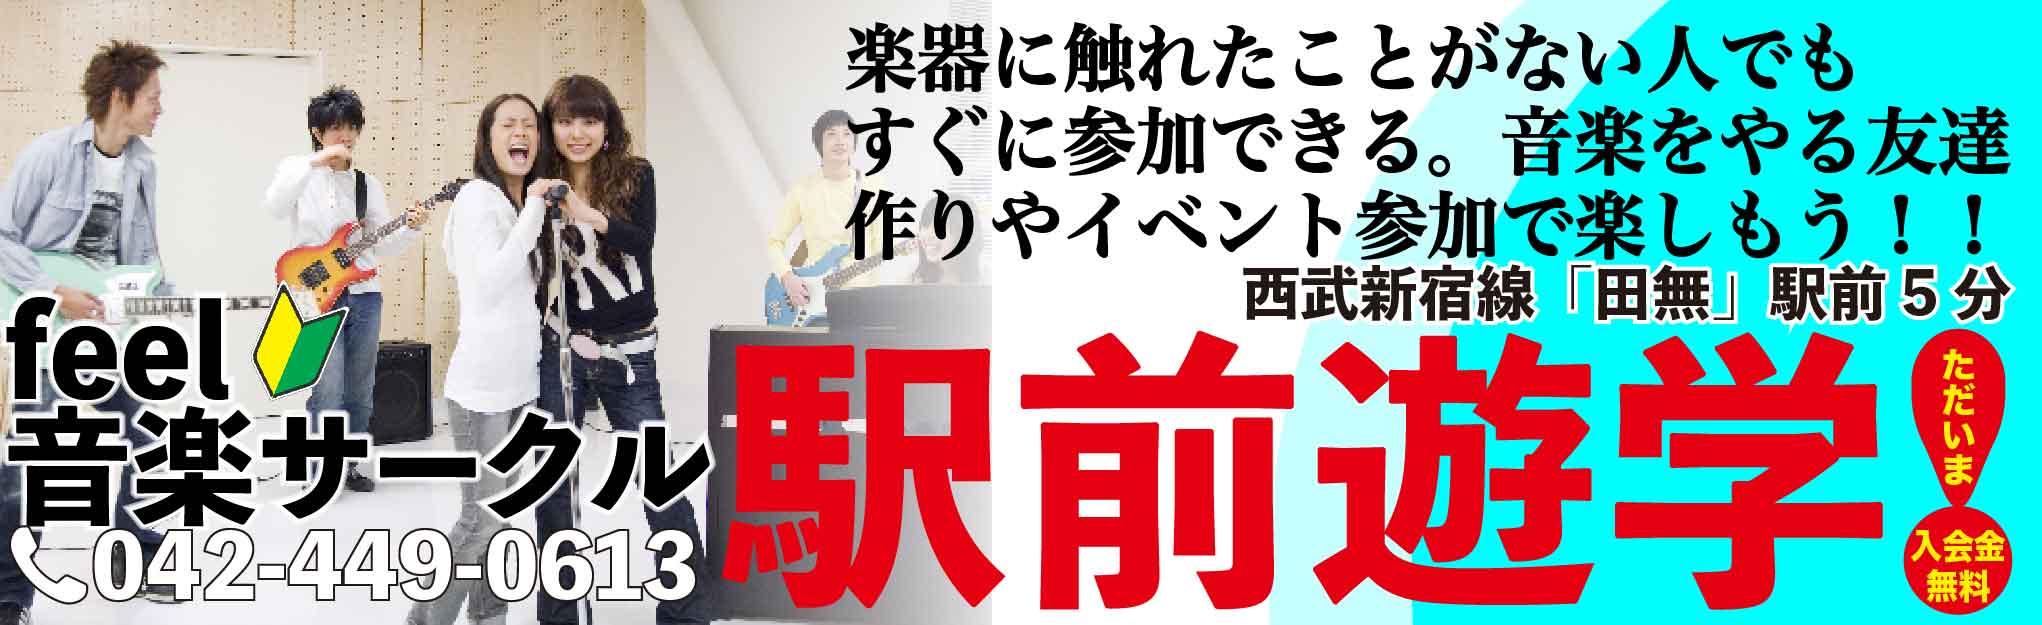 西東京市西武新宿線田無駅より徒歩5分。feelバンドサークル